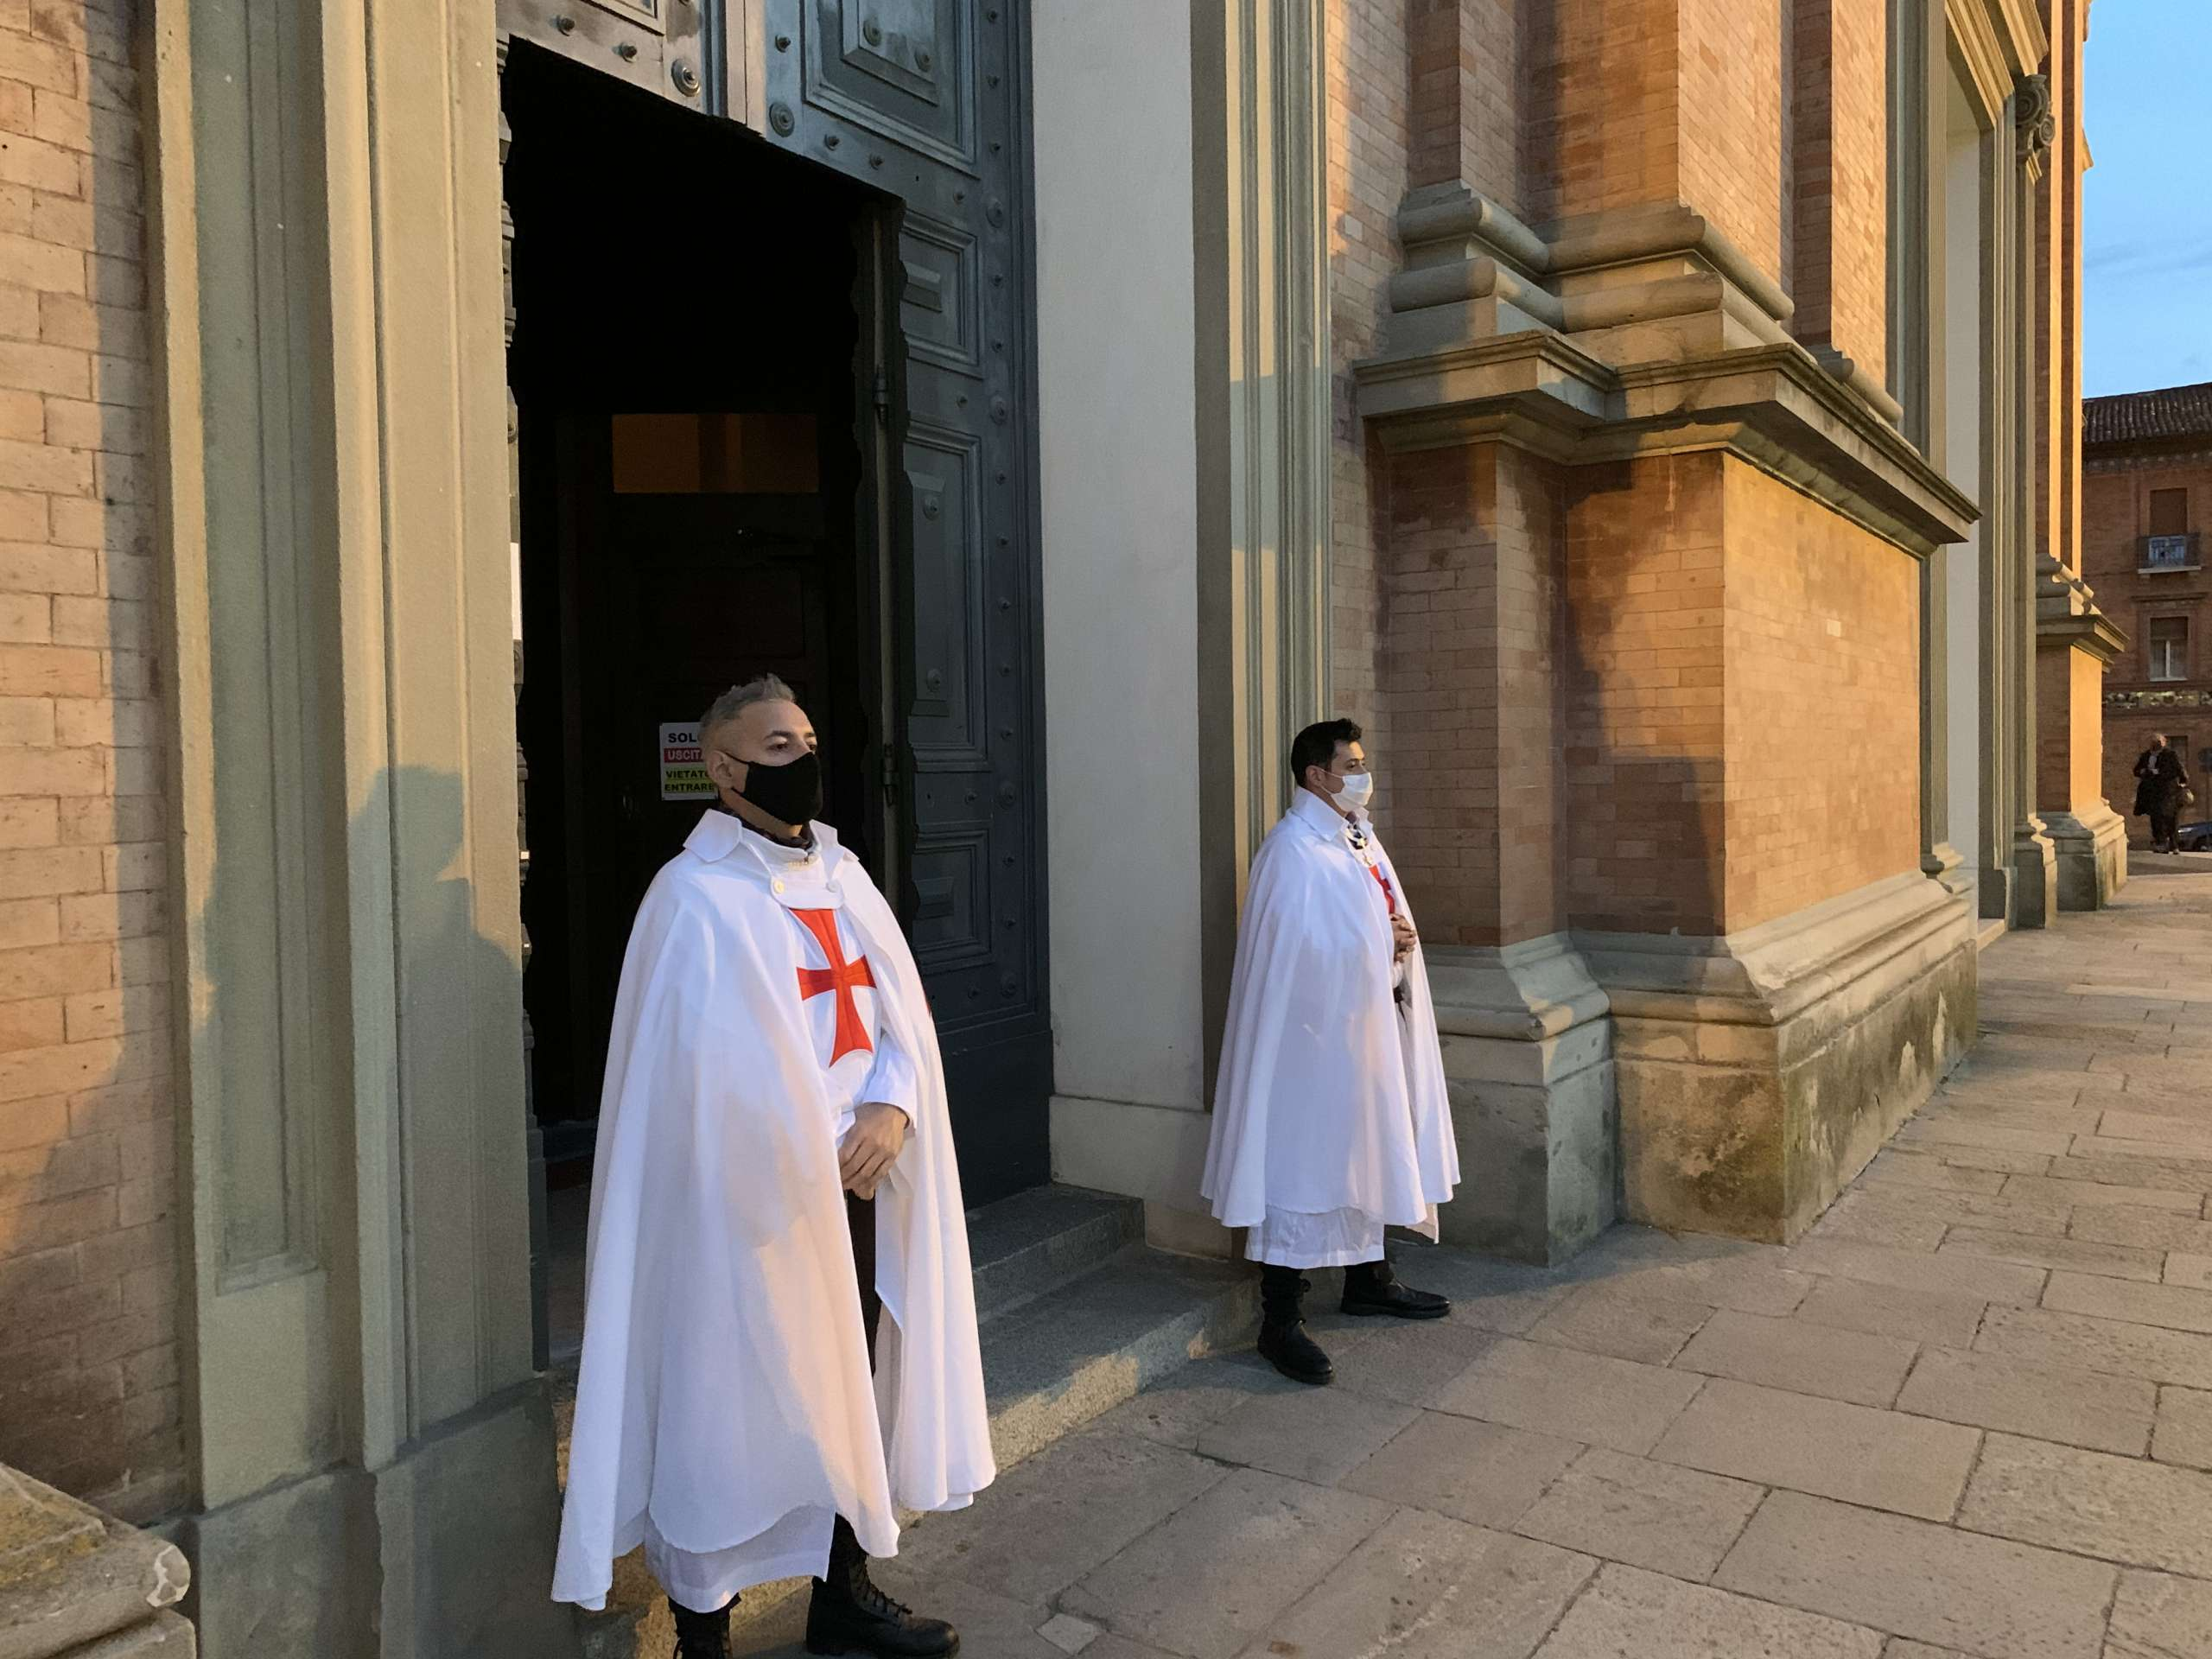 Partecipazione Santa Messa presso il Duomo di San Cassiano a Imola(BO) 03.04.2021